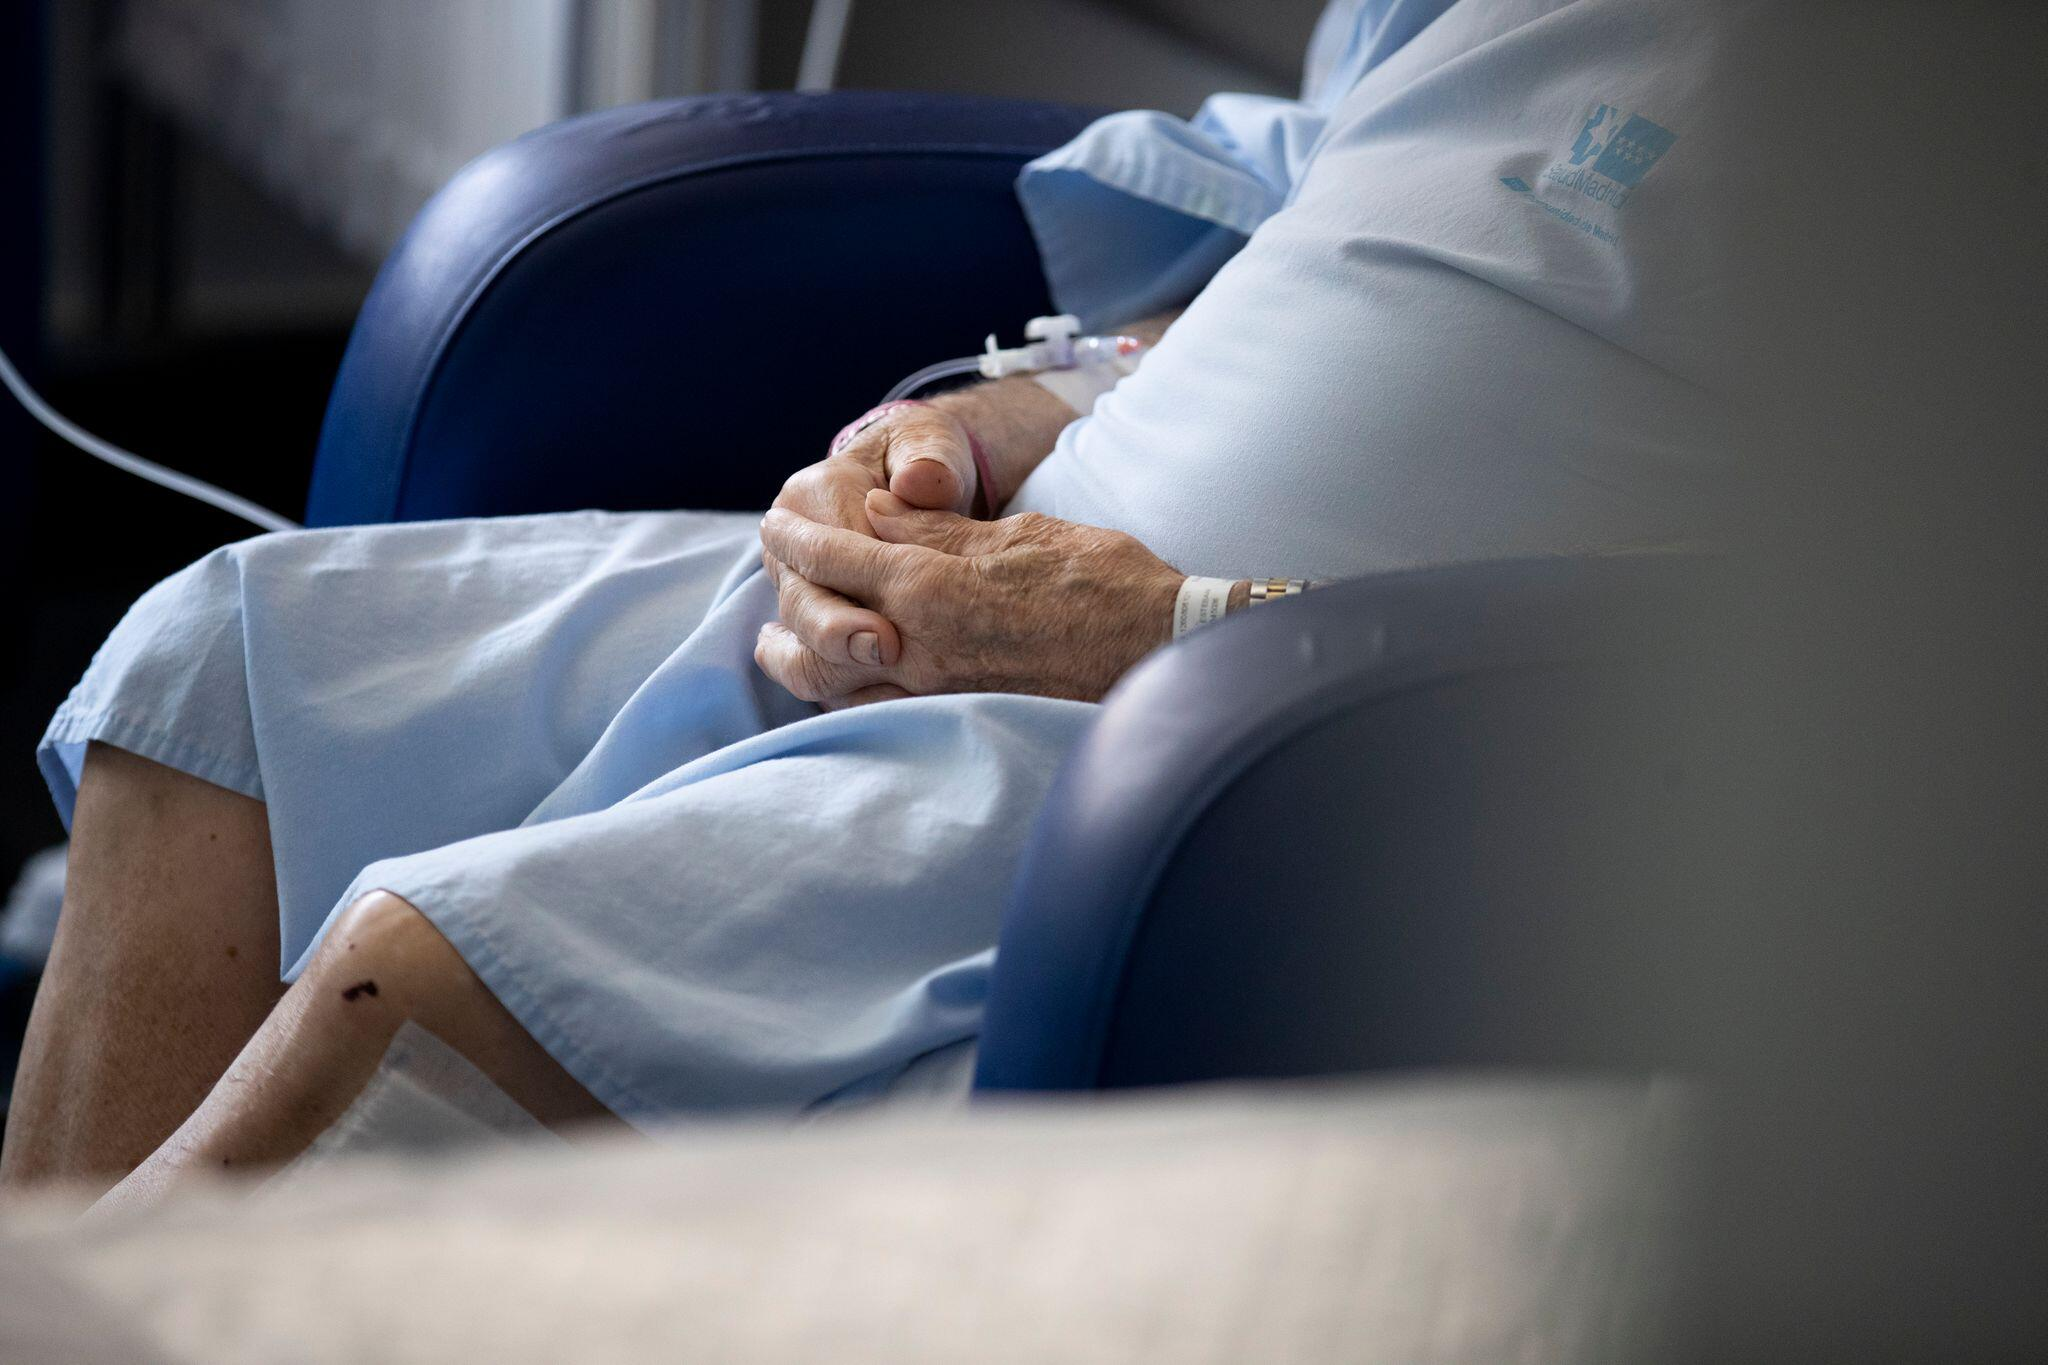 Bild zu Vermeidbare Gesundheitsrisiken erhöhen Covid-19-Todesrisiko